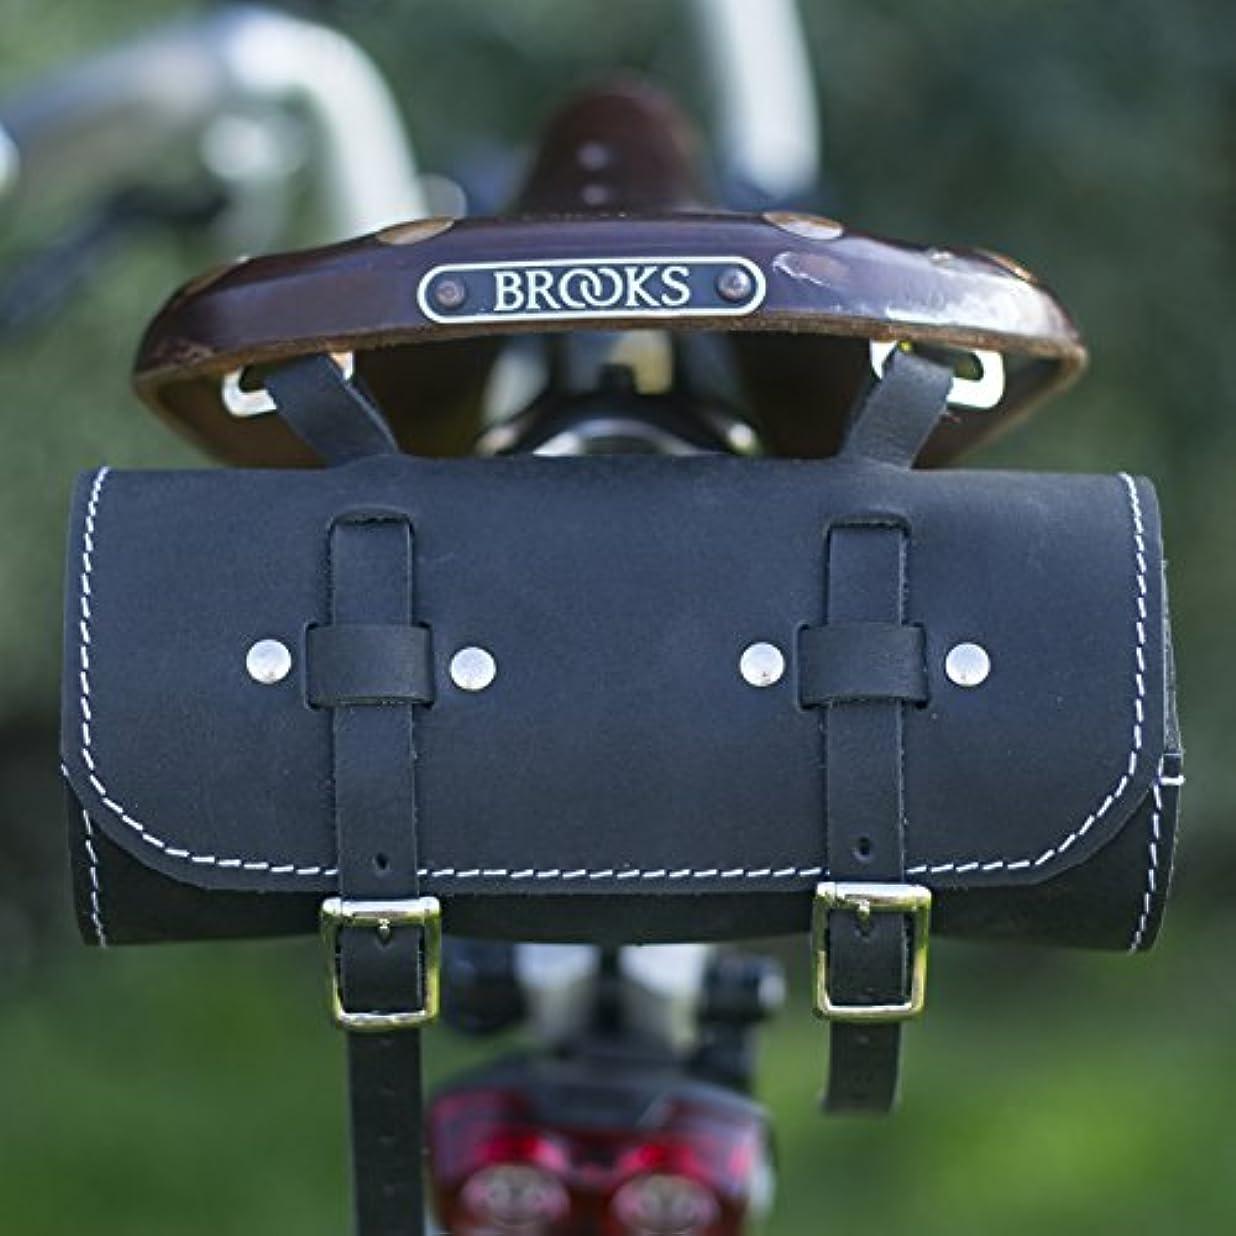 病気のメッセンジャーペレグリネーションサドル/ハンドルバーロールバッグ本物の革ブラック用自転車ツールクラシックロールバッグ Roll SADDLE Bag Real Leather ROL-BL-WH